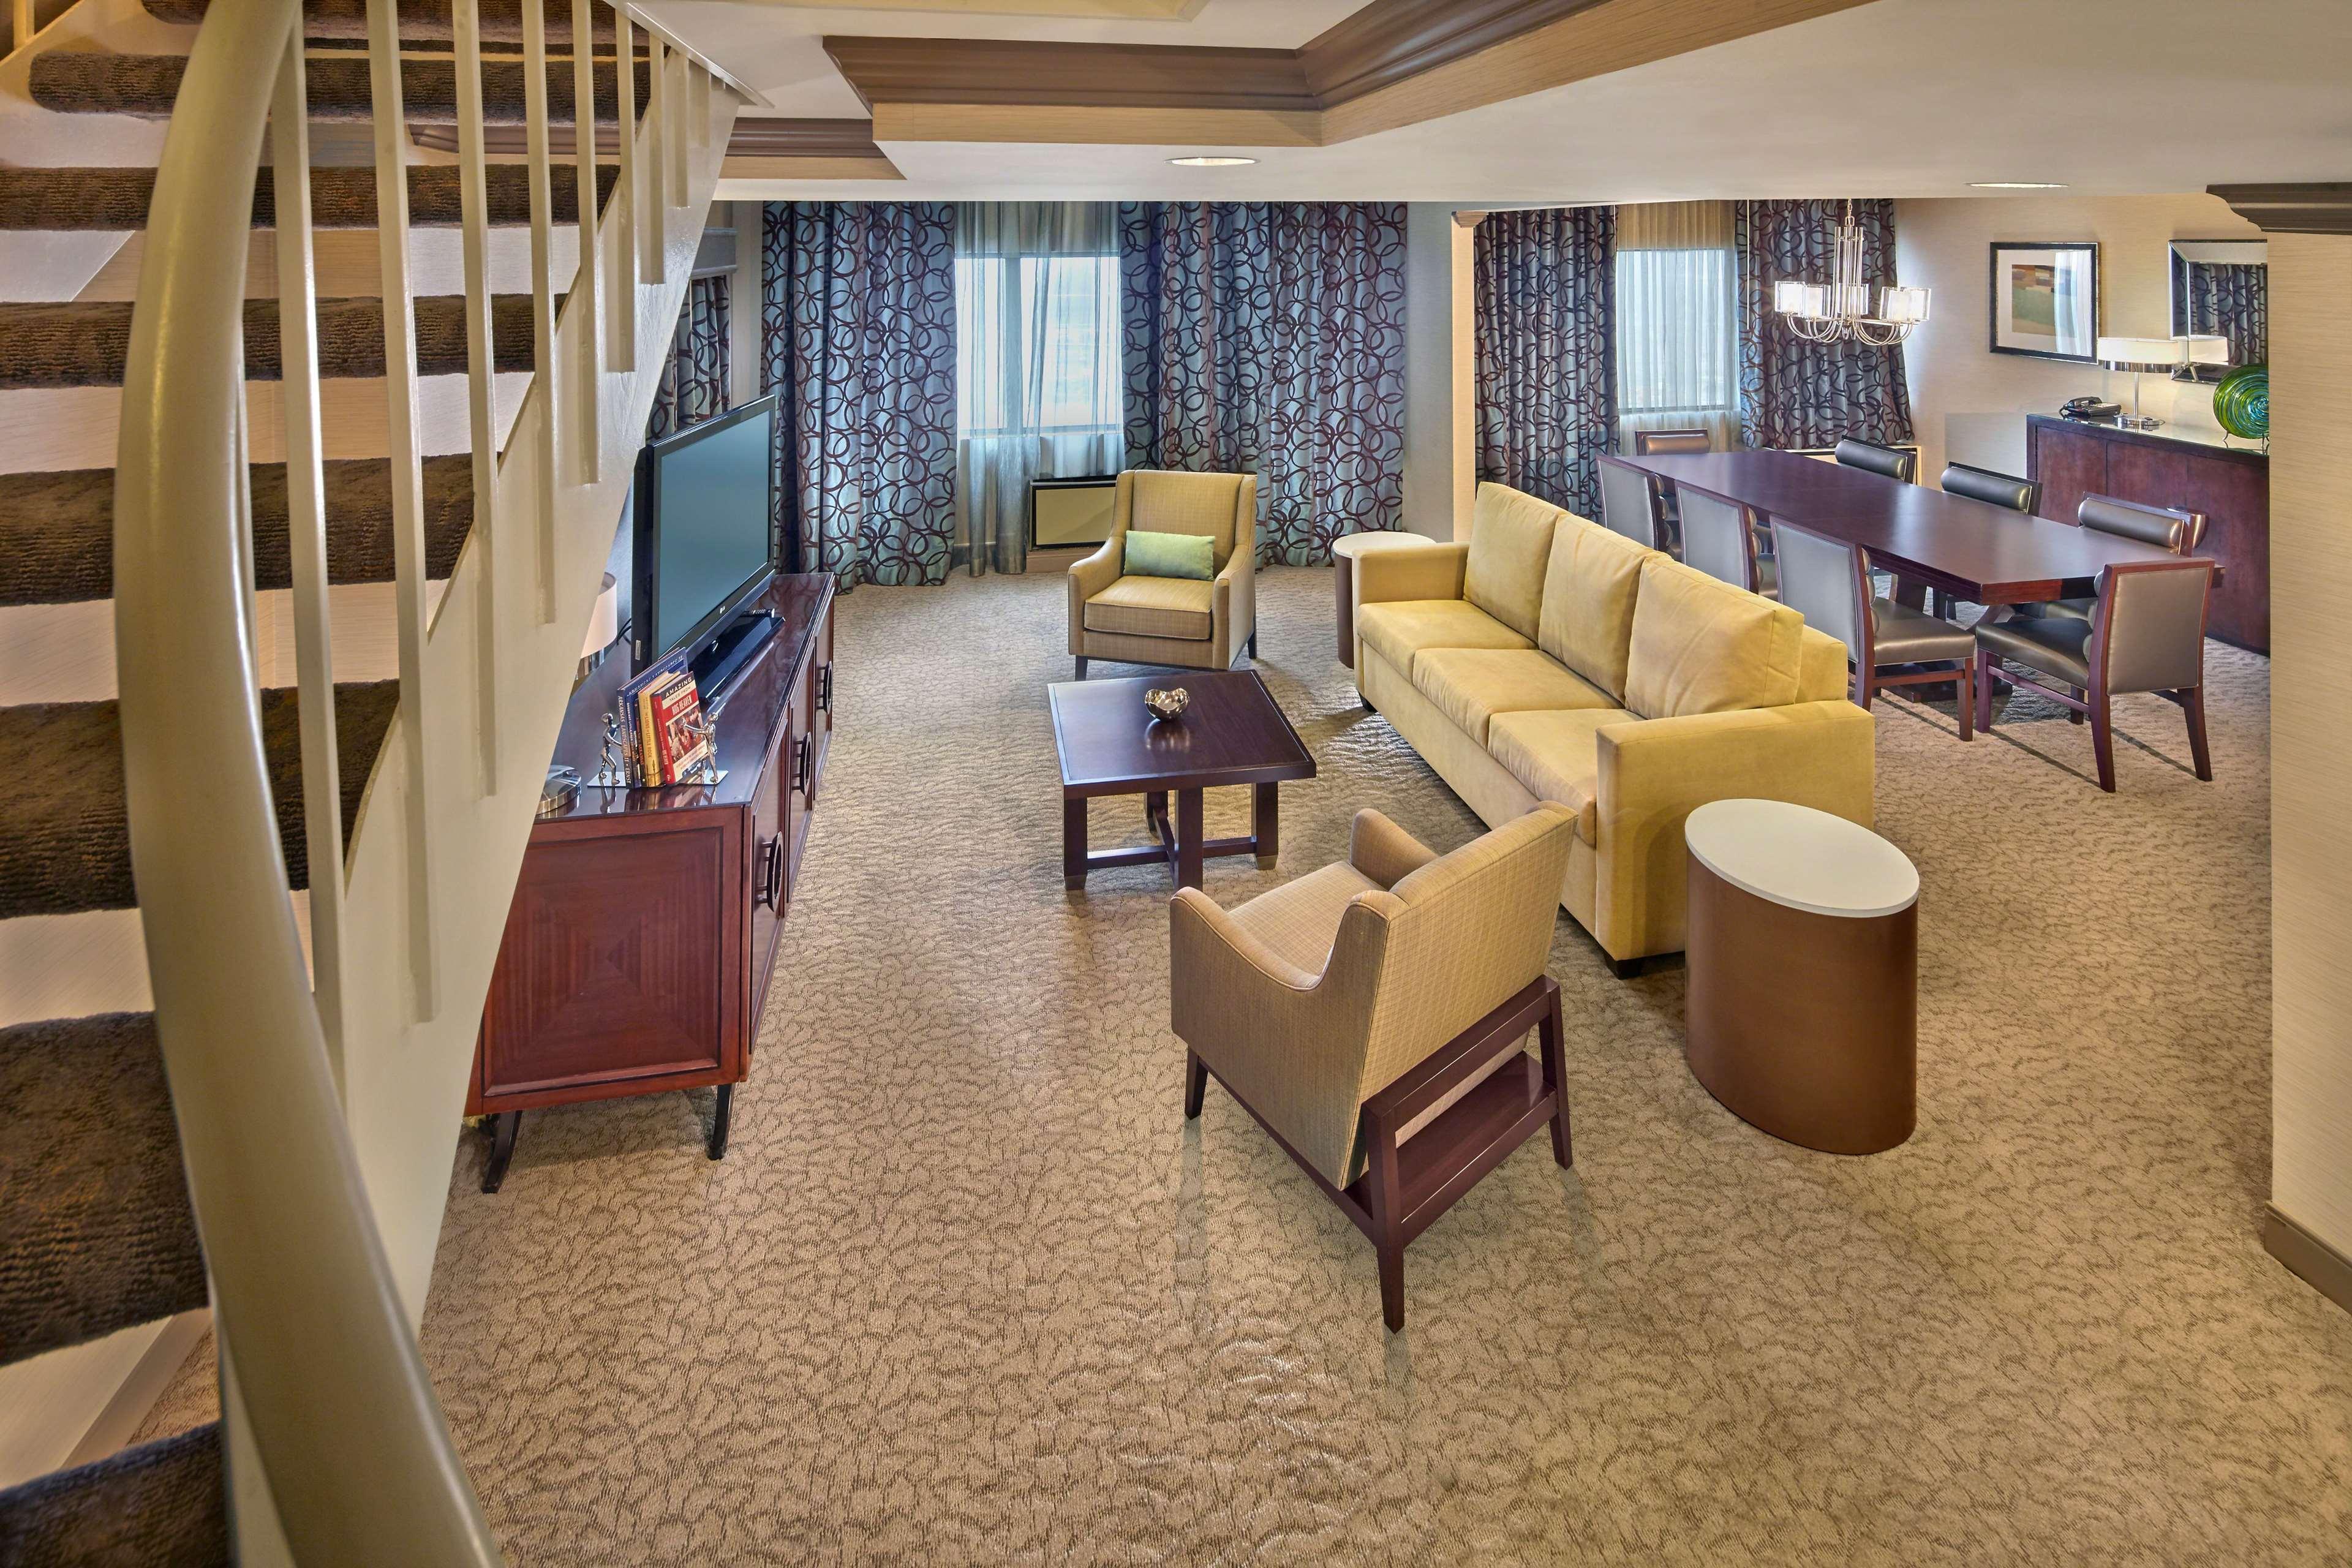 DoubleTree by Hilton Hotel Little Rock image 21